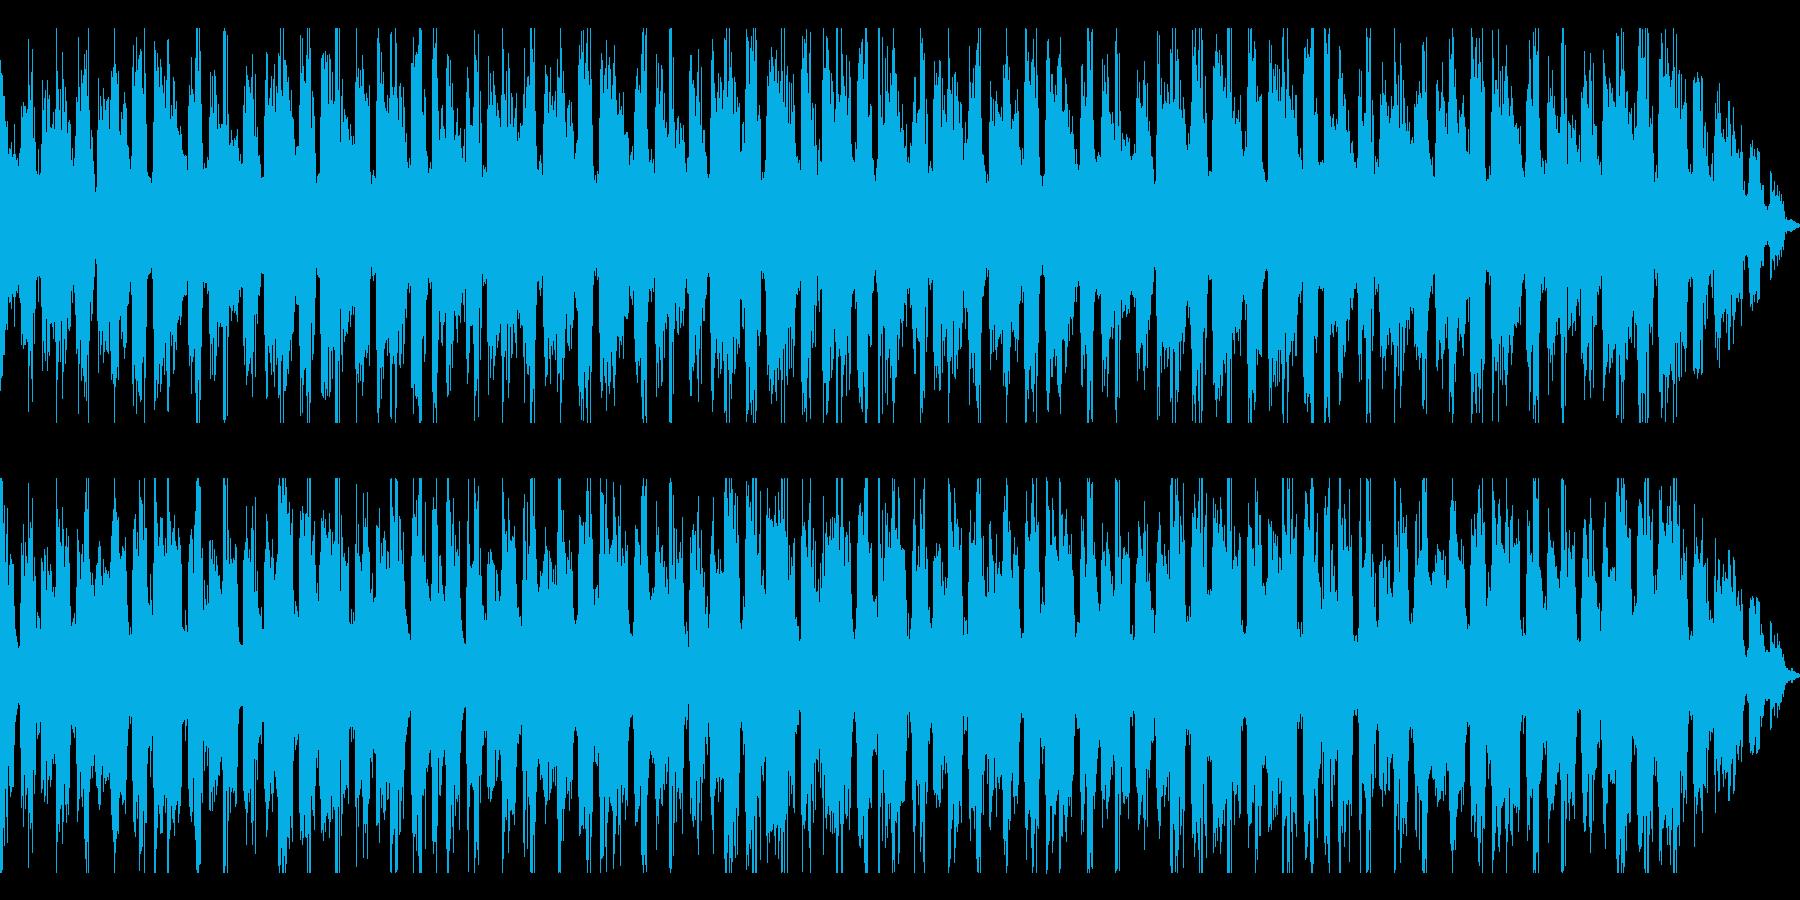 広がりがありCM他、BGMで利用可能の再生済みの波形